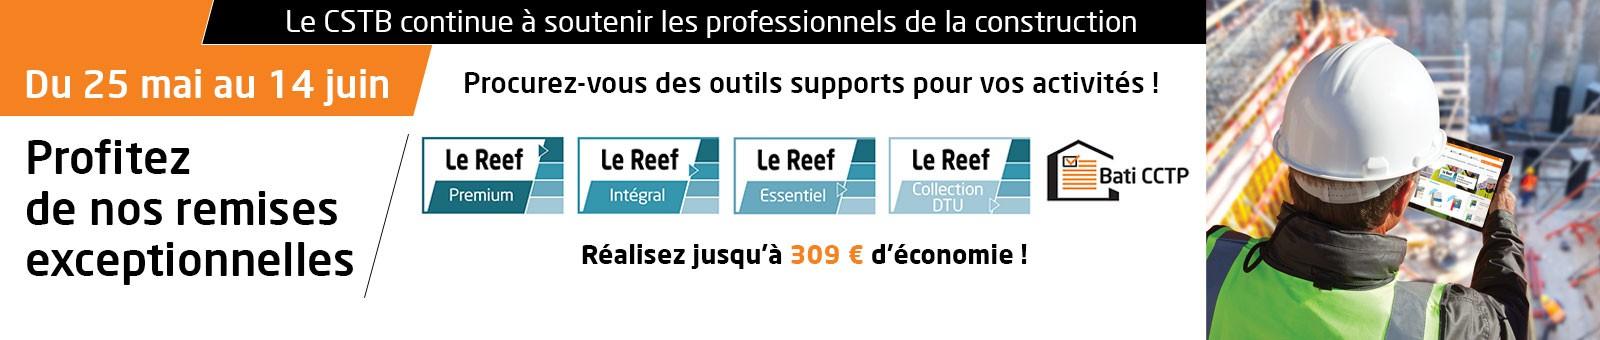 Promotion Boutique Reef et Bati CCTP